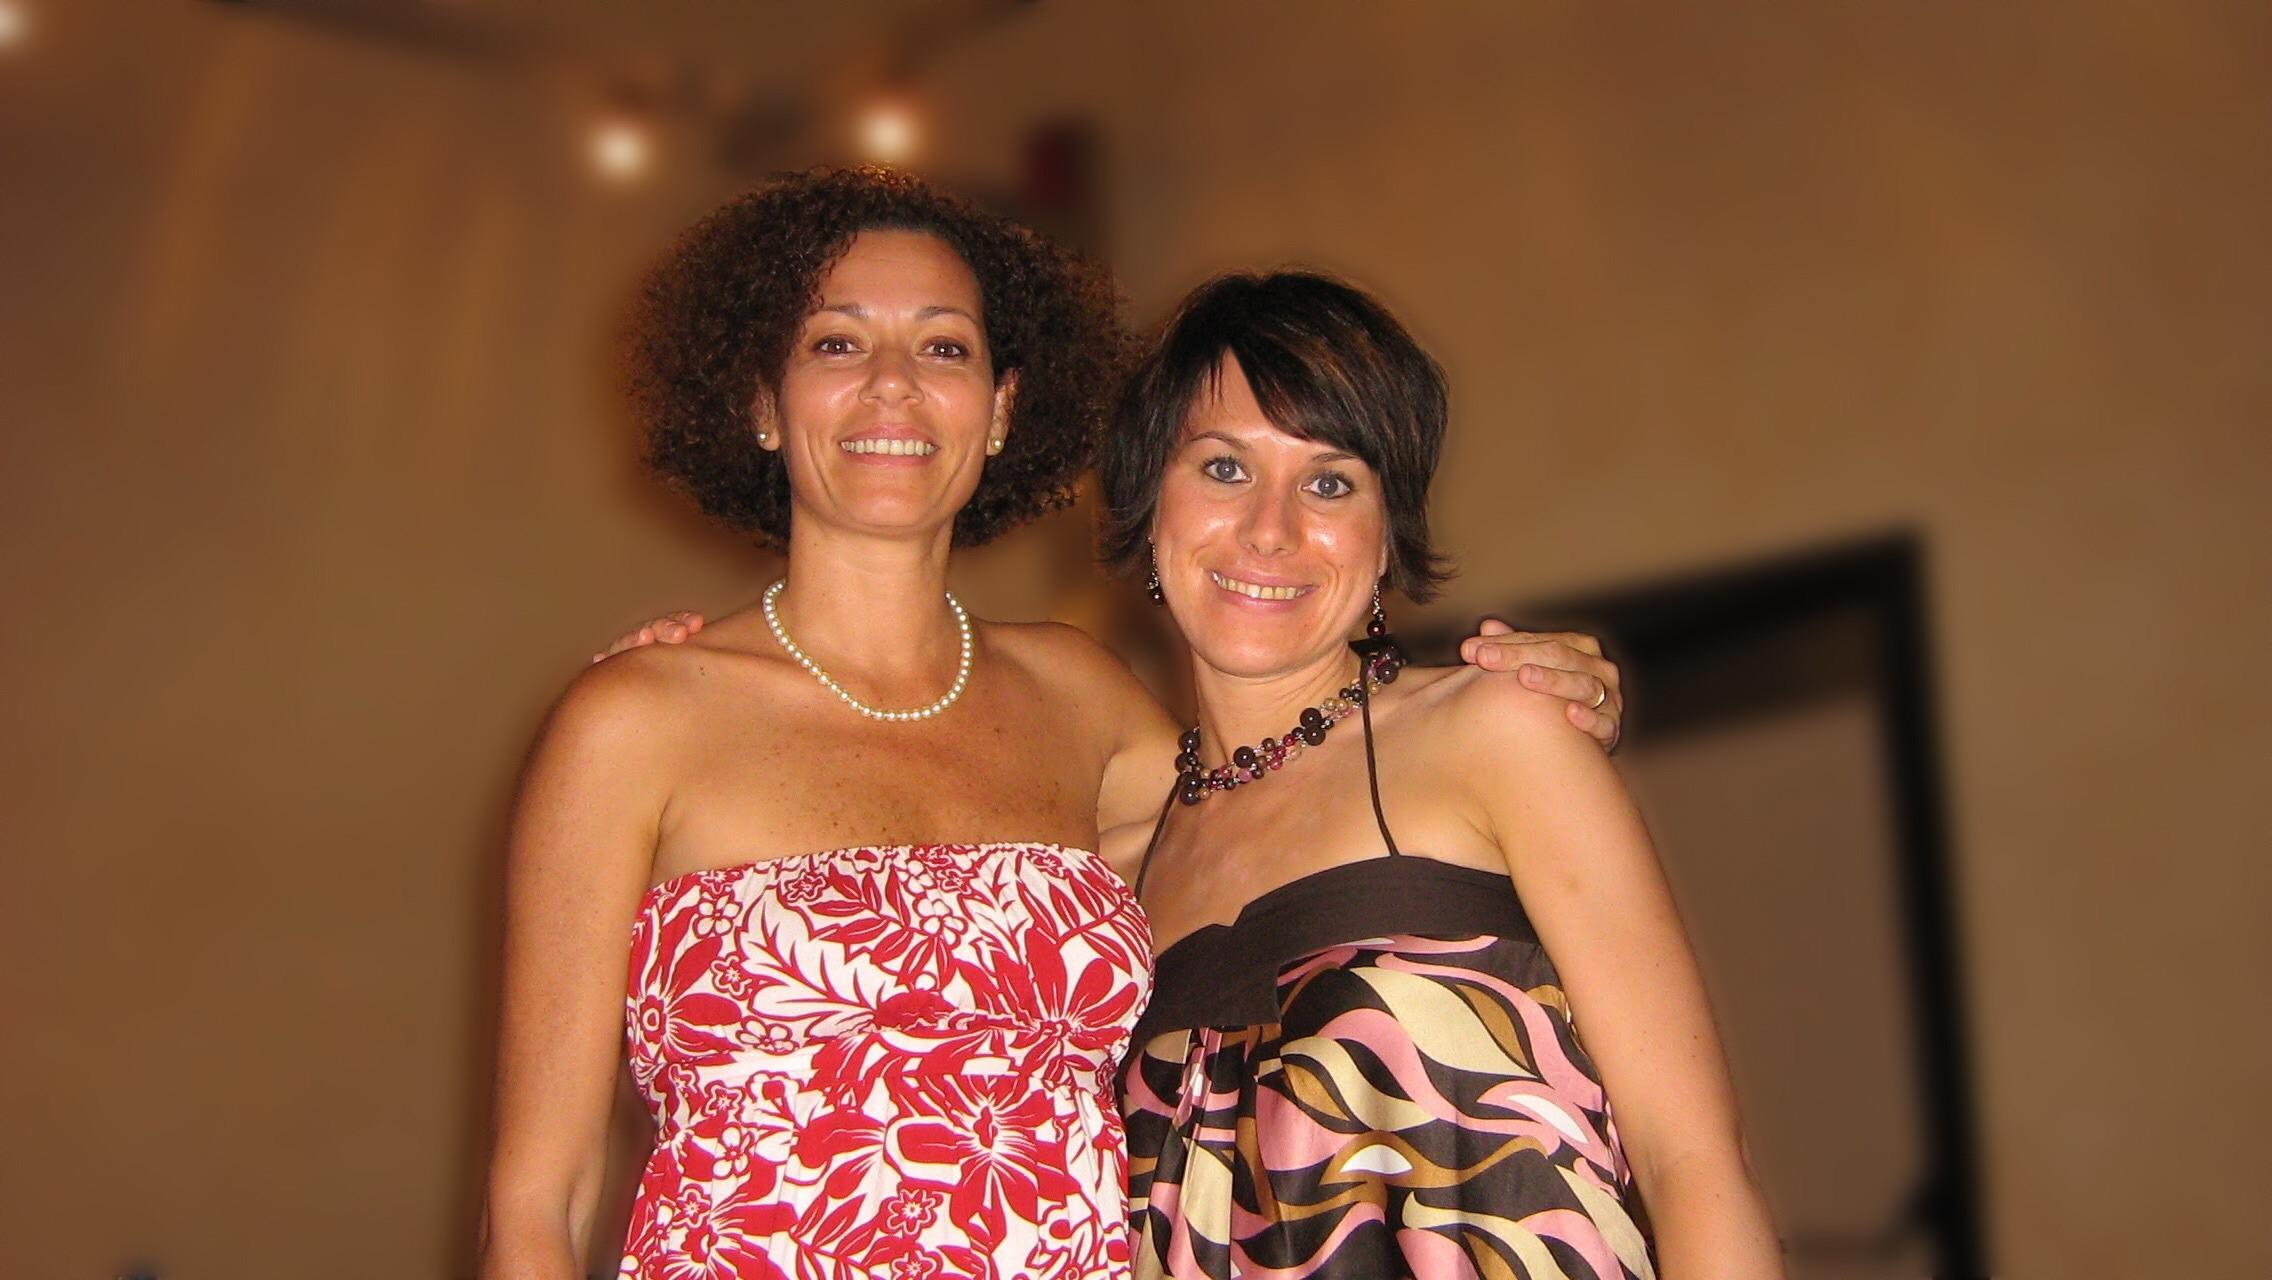 With Rosalia De Souza, Modena, Italy